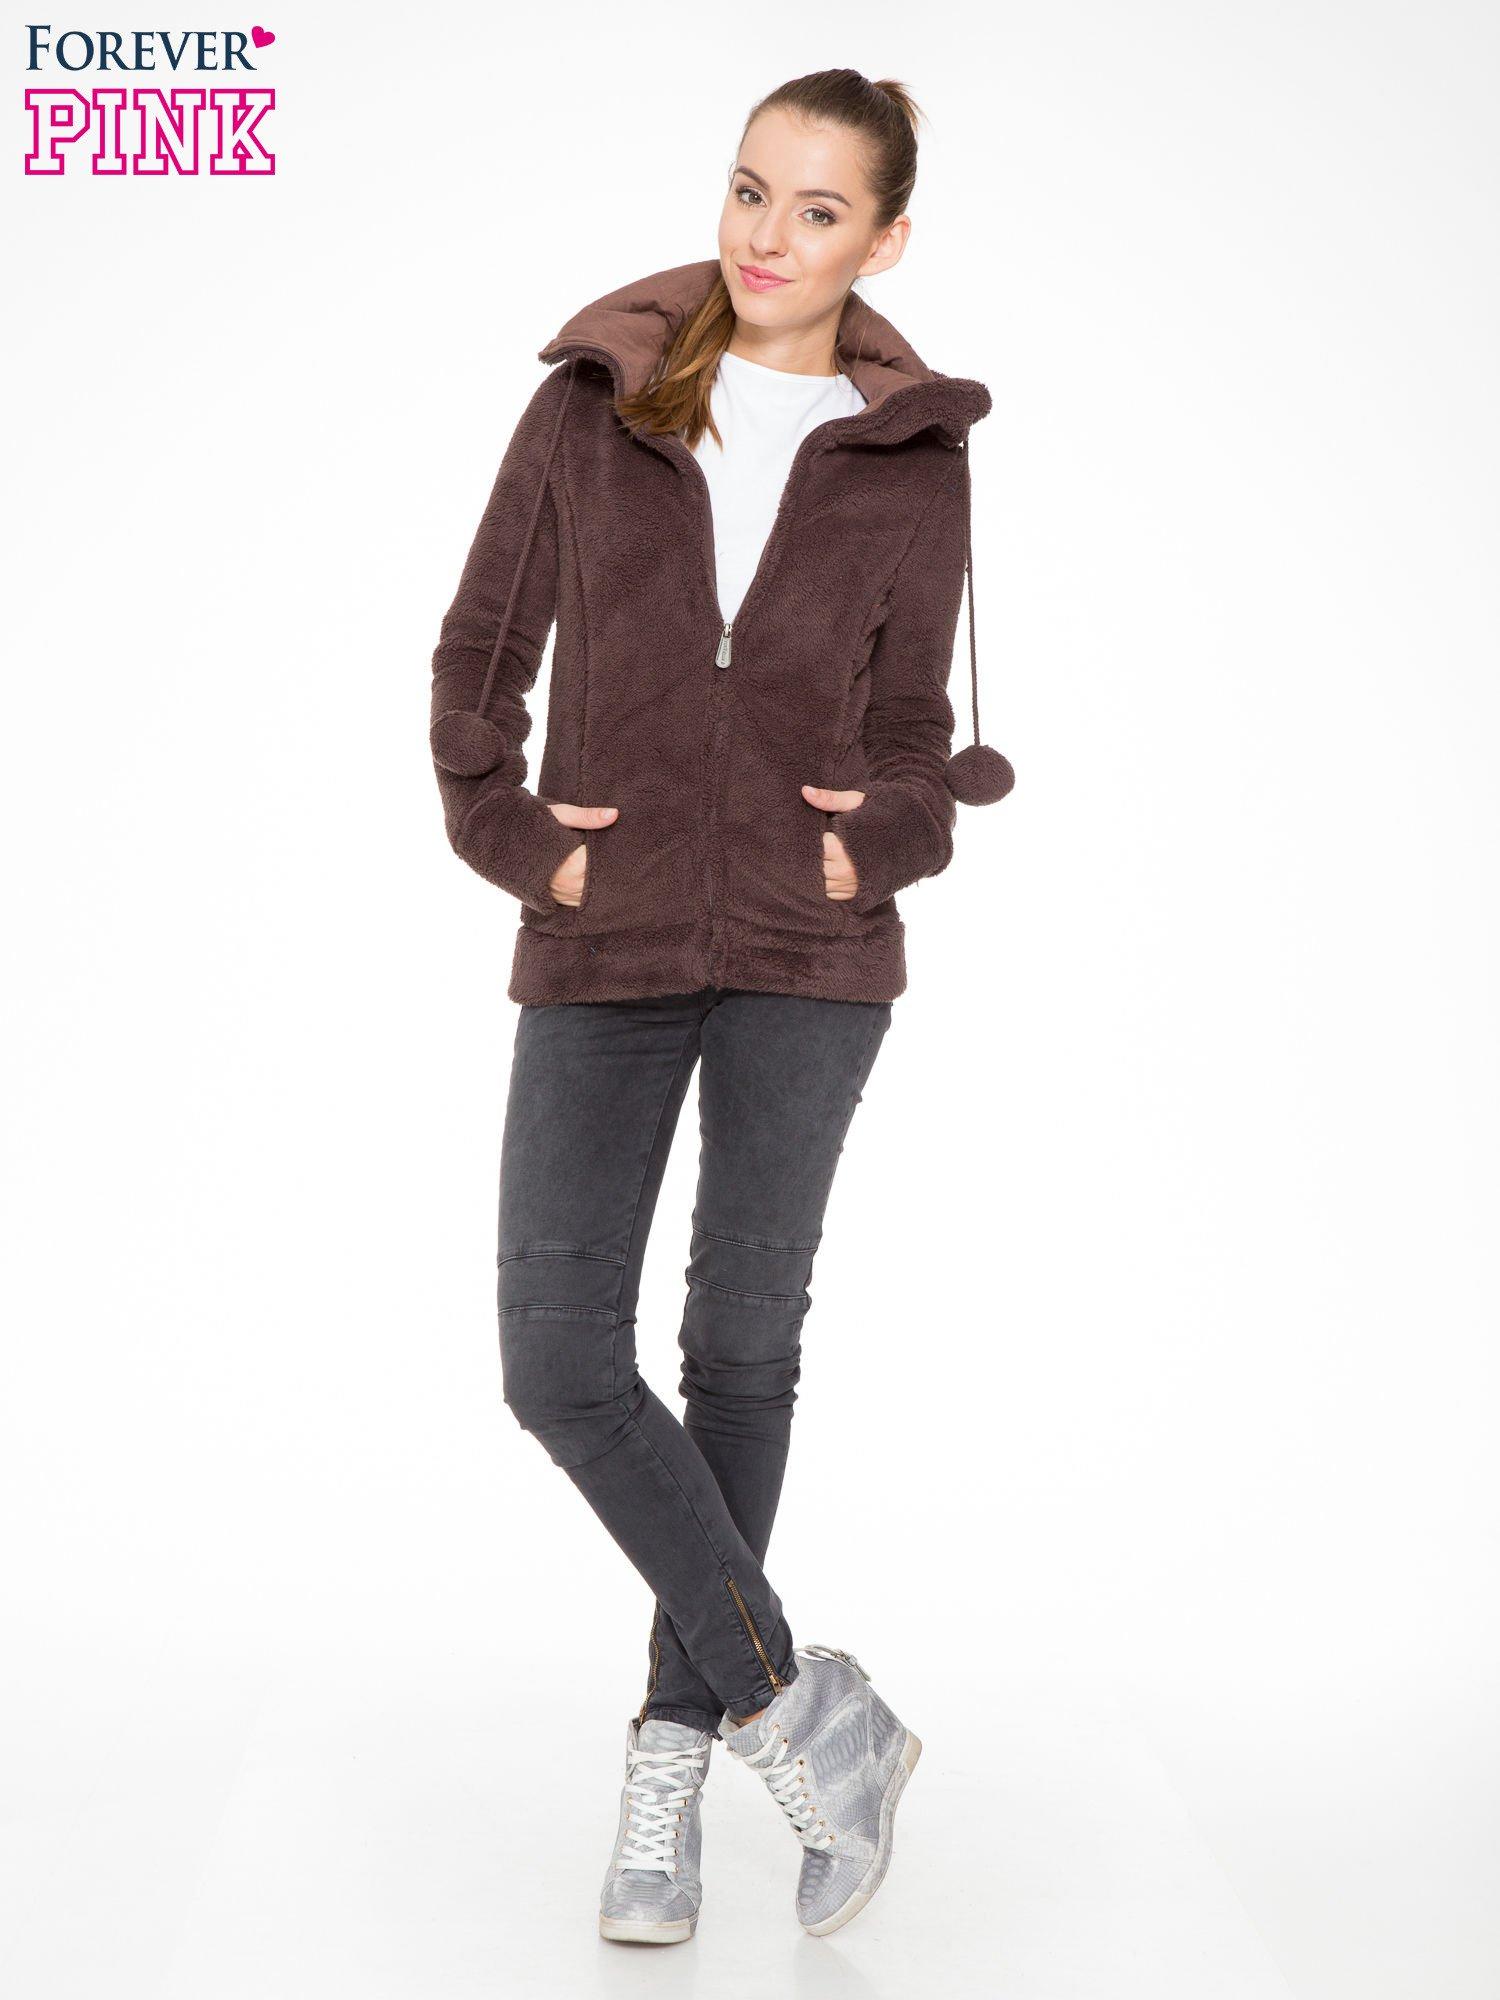 Ciemnobrązowa polarowa bluza miś z kapturem z uszkami i pomponami                                  zdj.                                  2